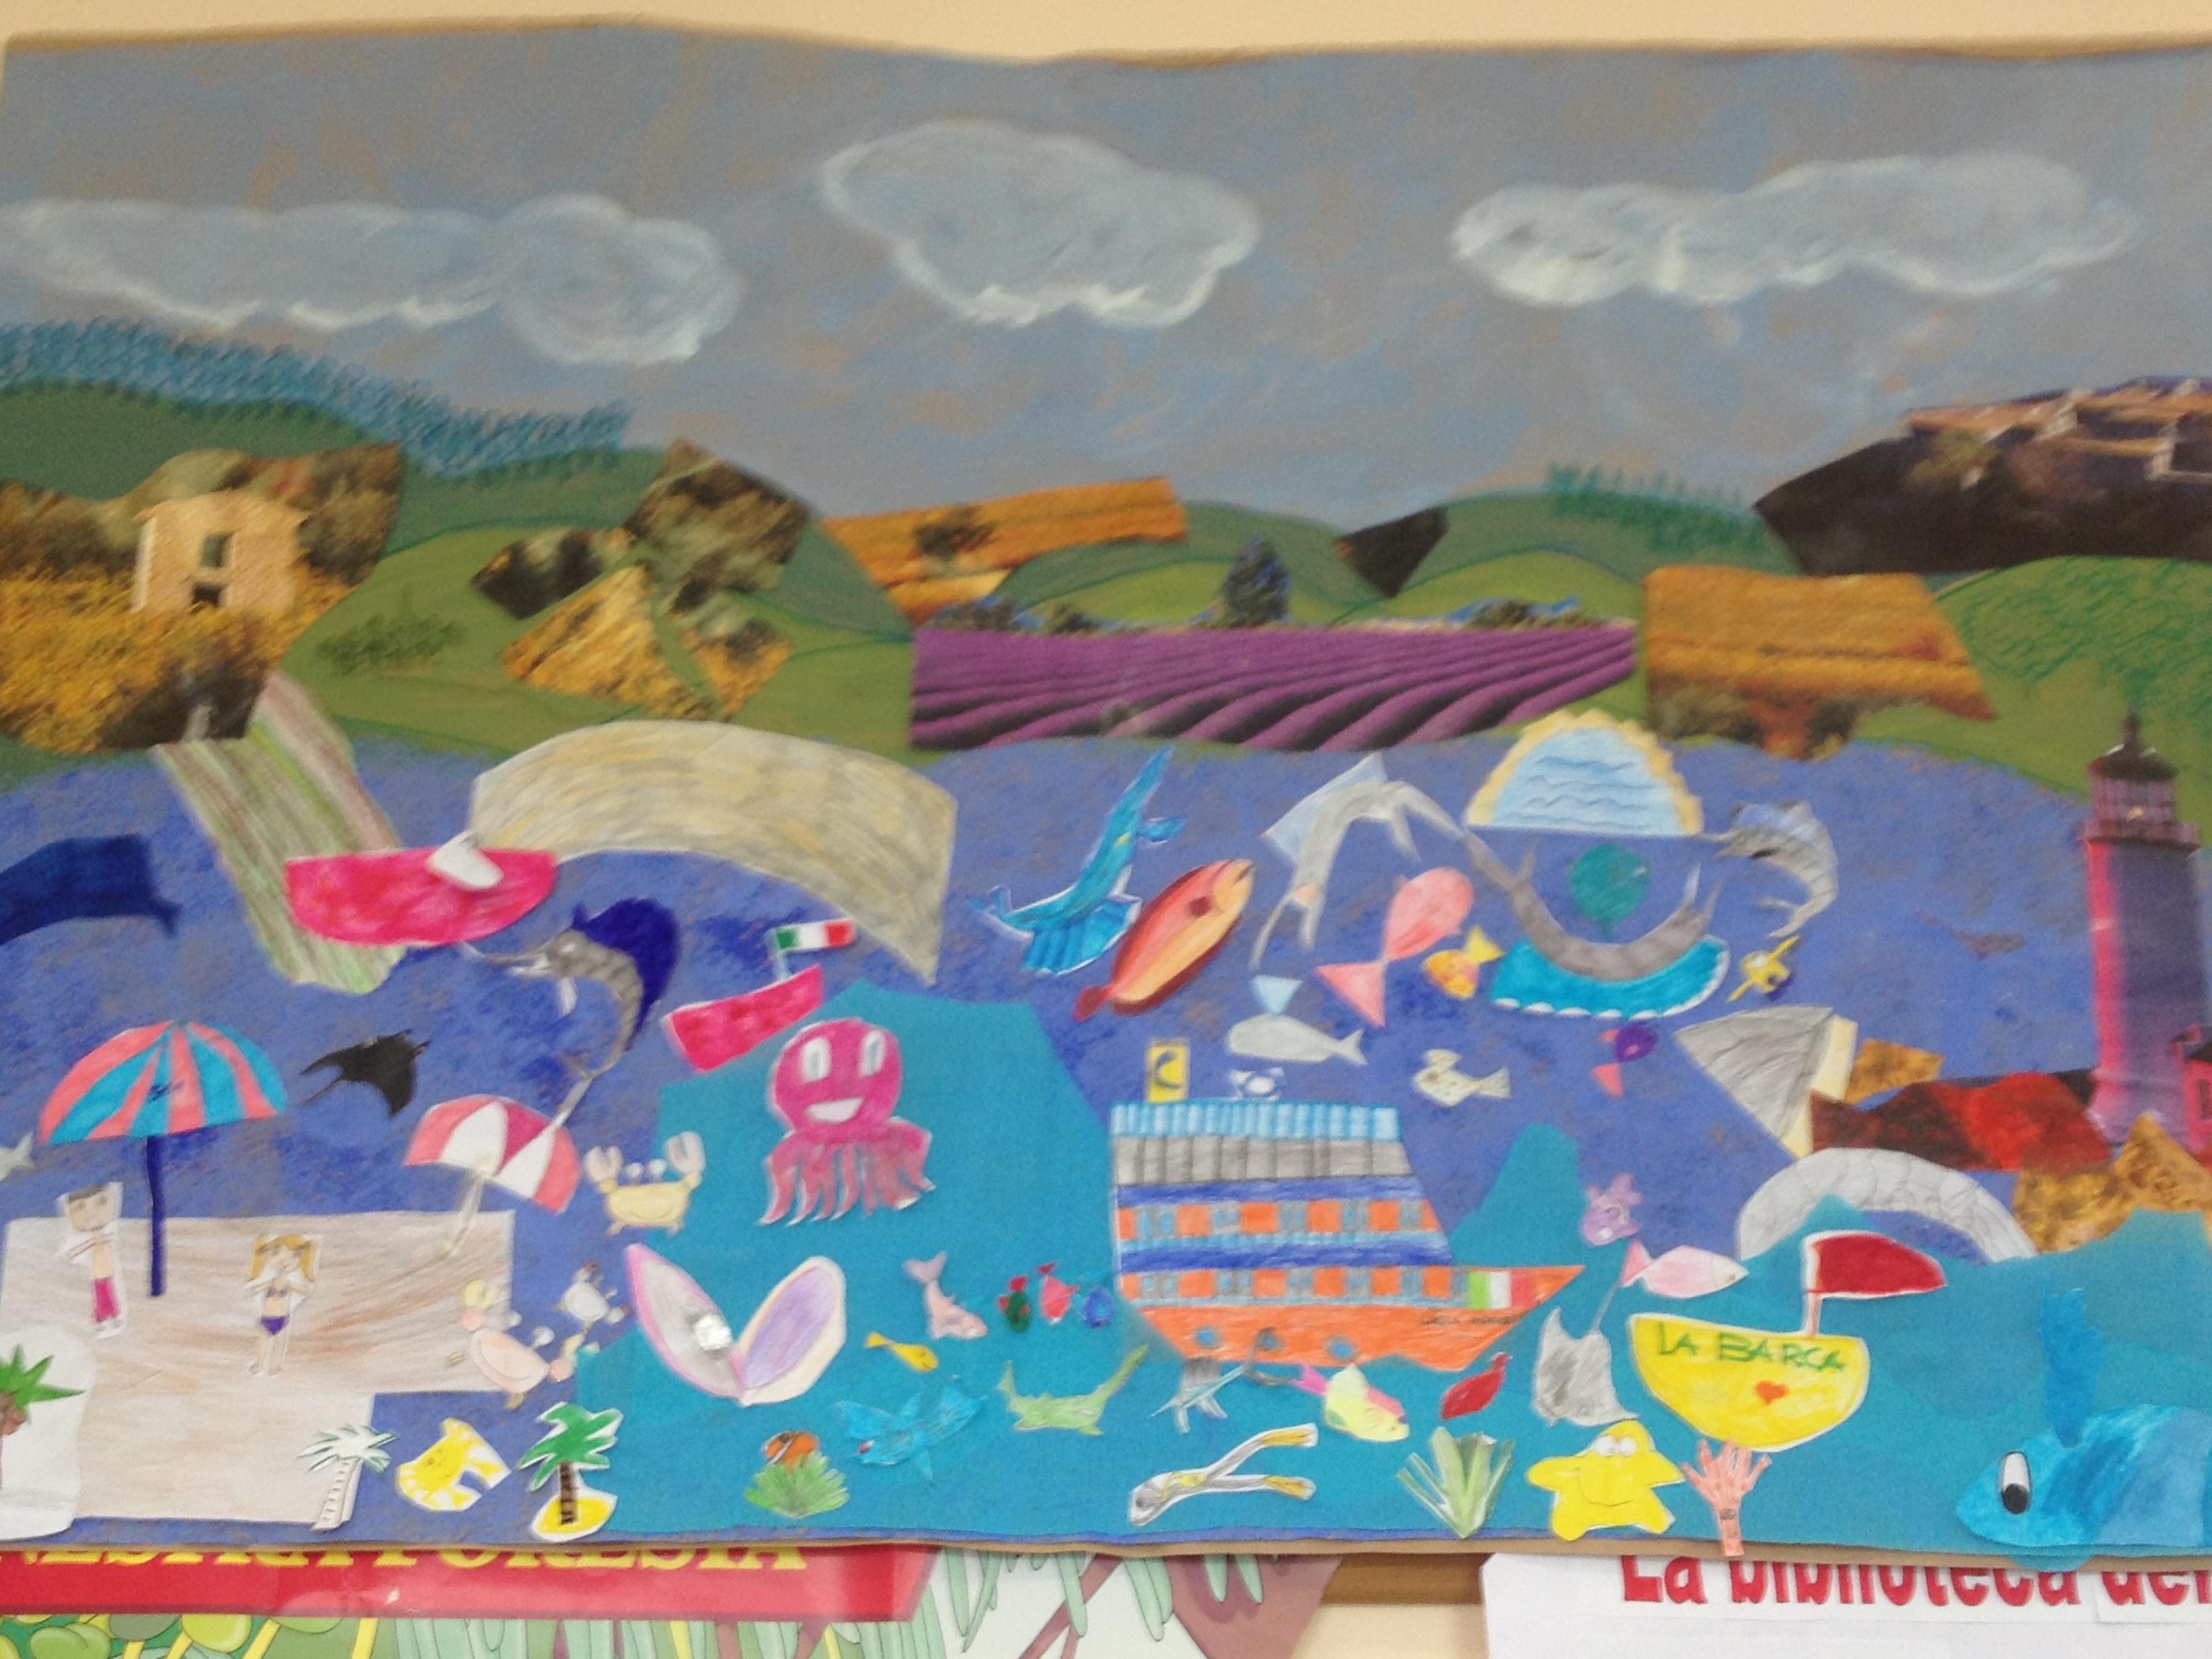 Cartellone sul mare labadec for Cartelloni scuola infanzia